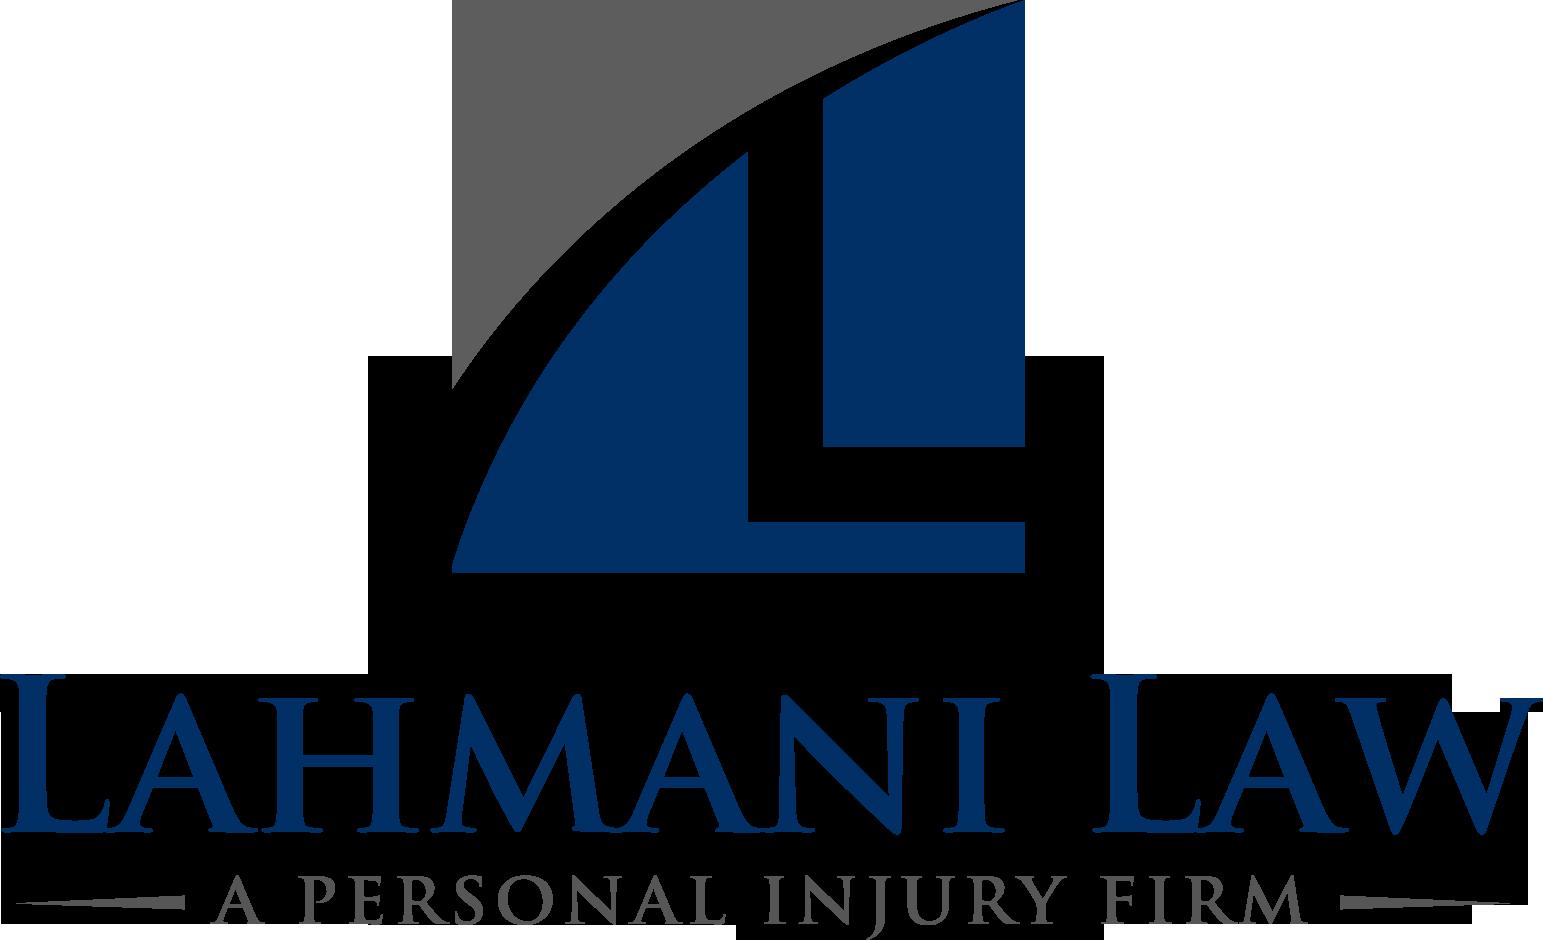 Lahmani Law